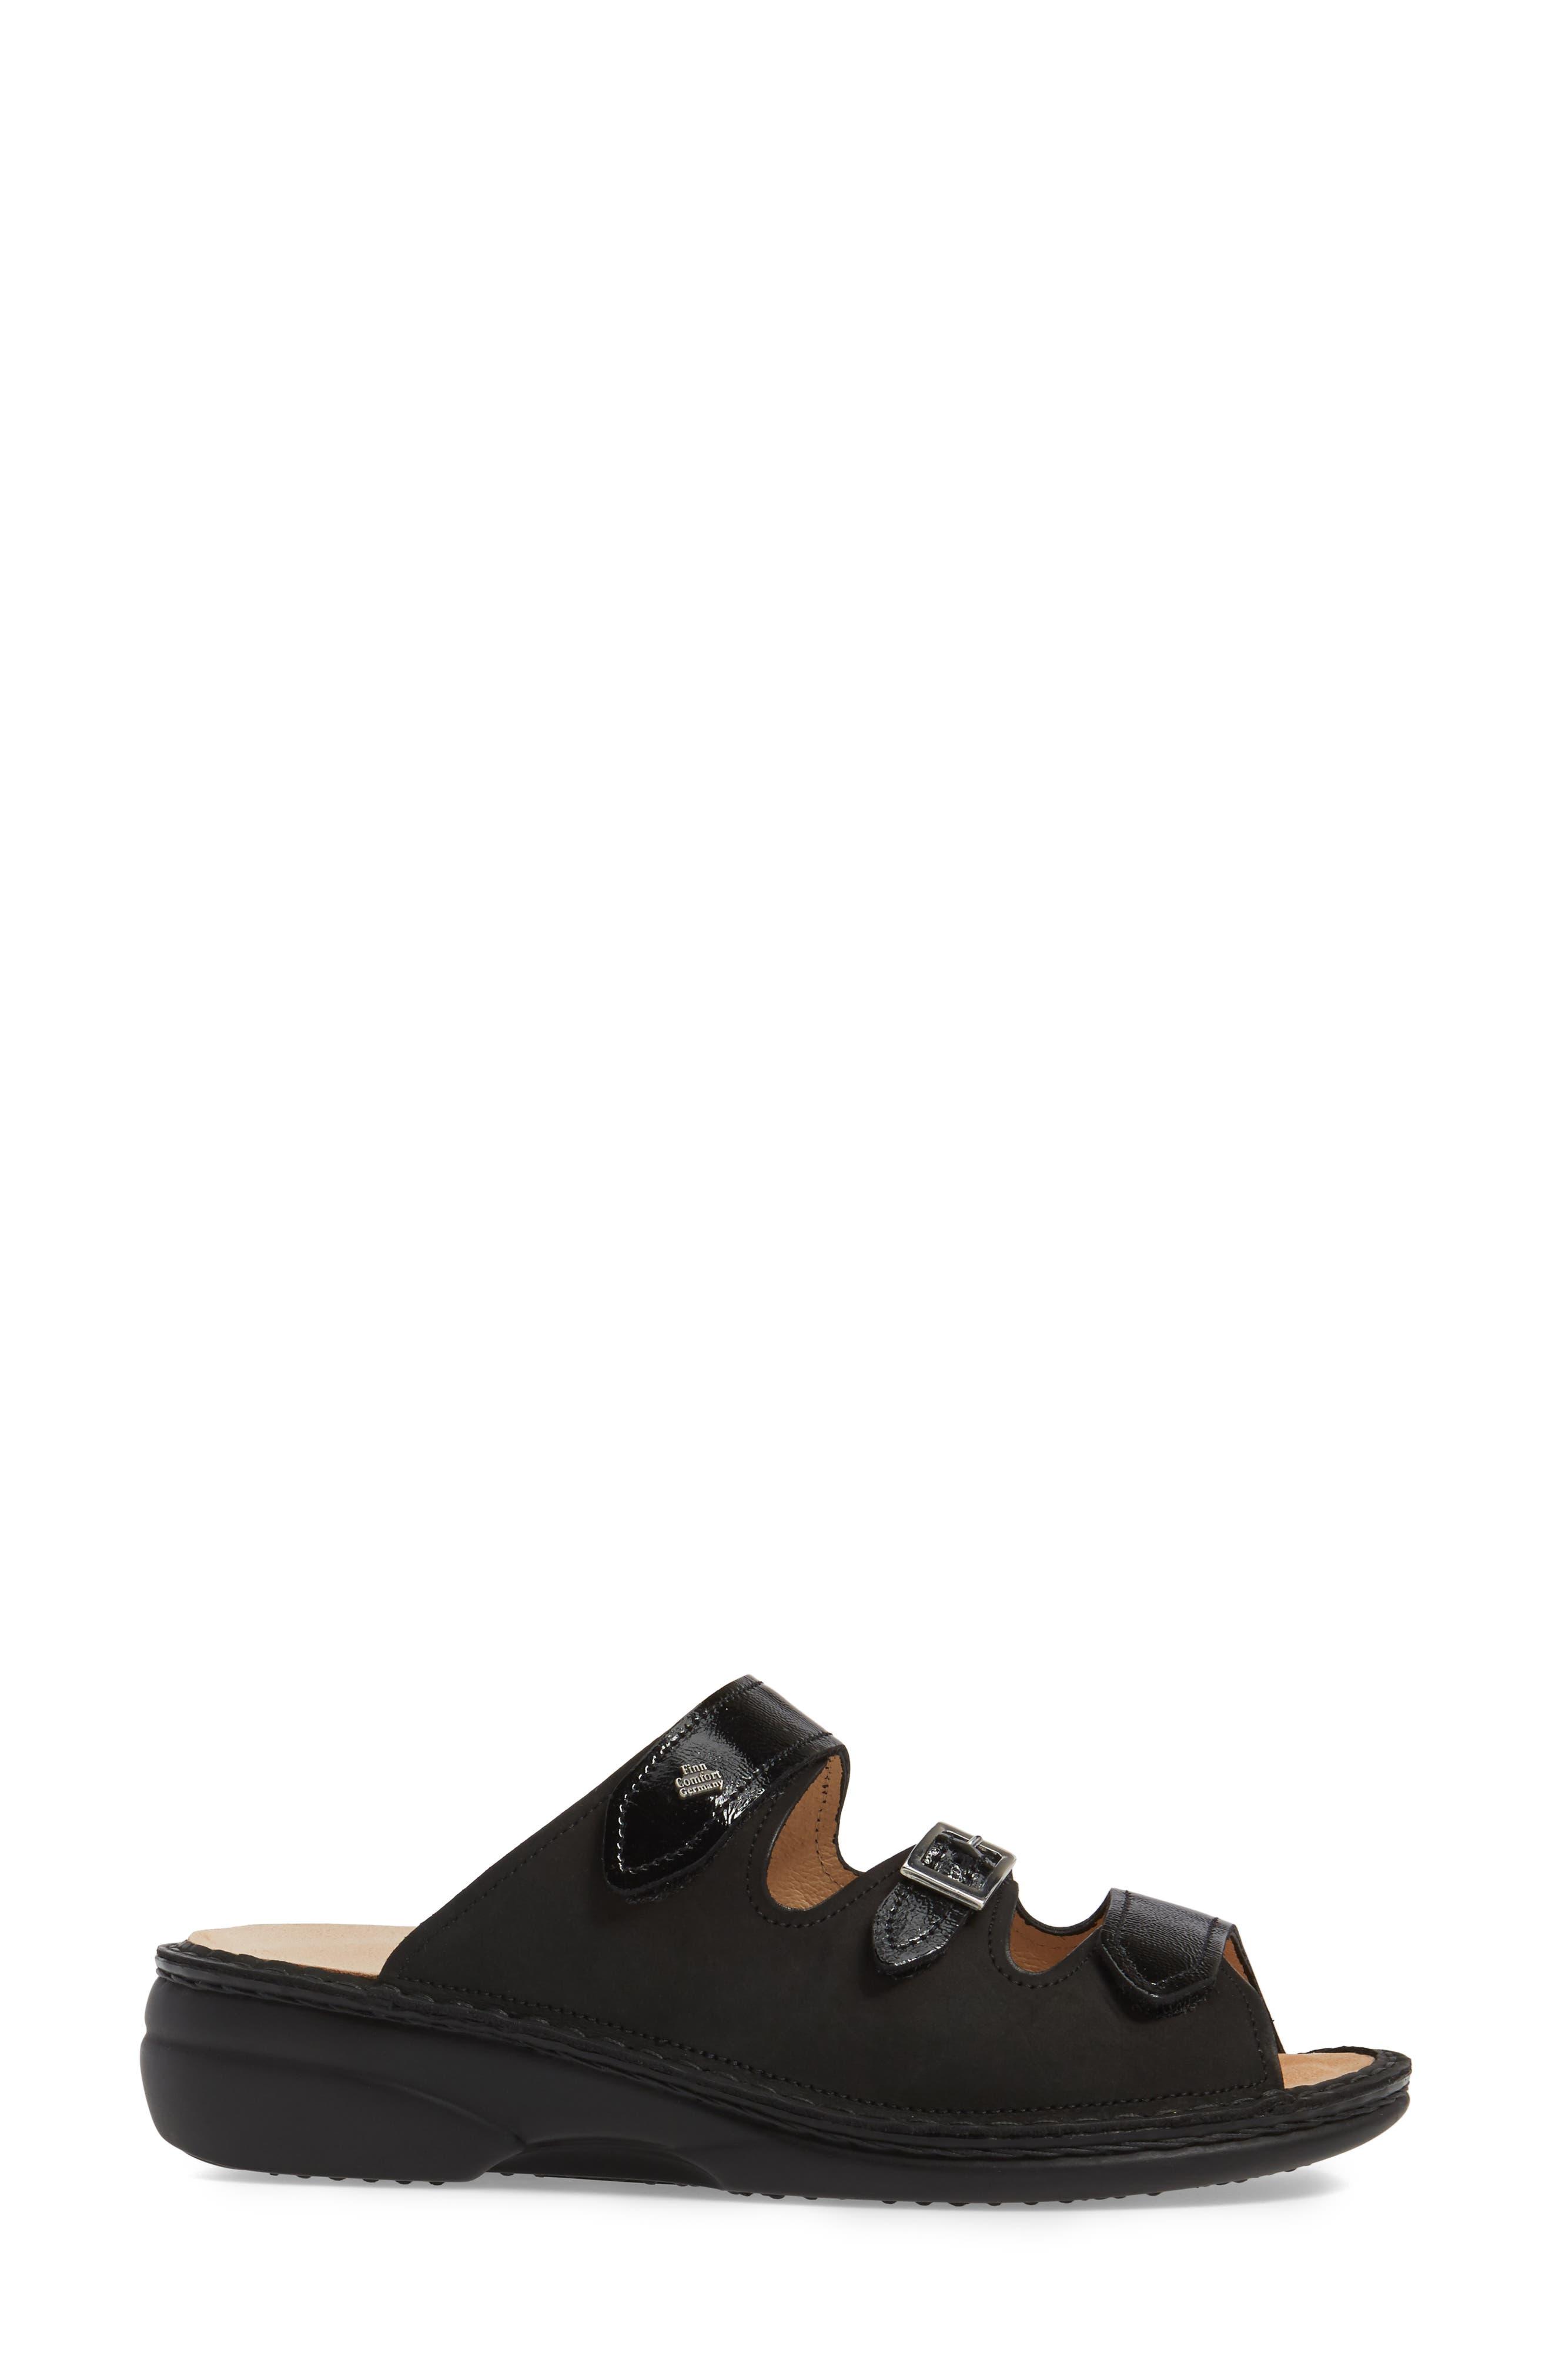 Alternate Image 3  - Finn Comfort Anancapa Sandal (Women)